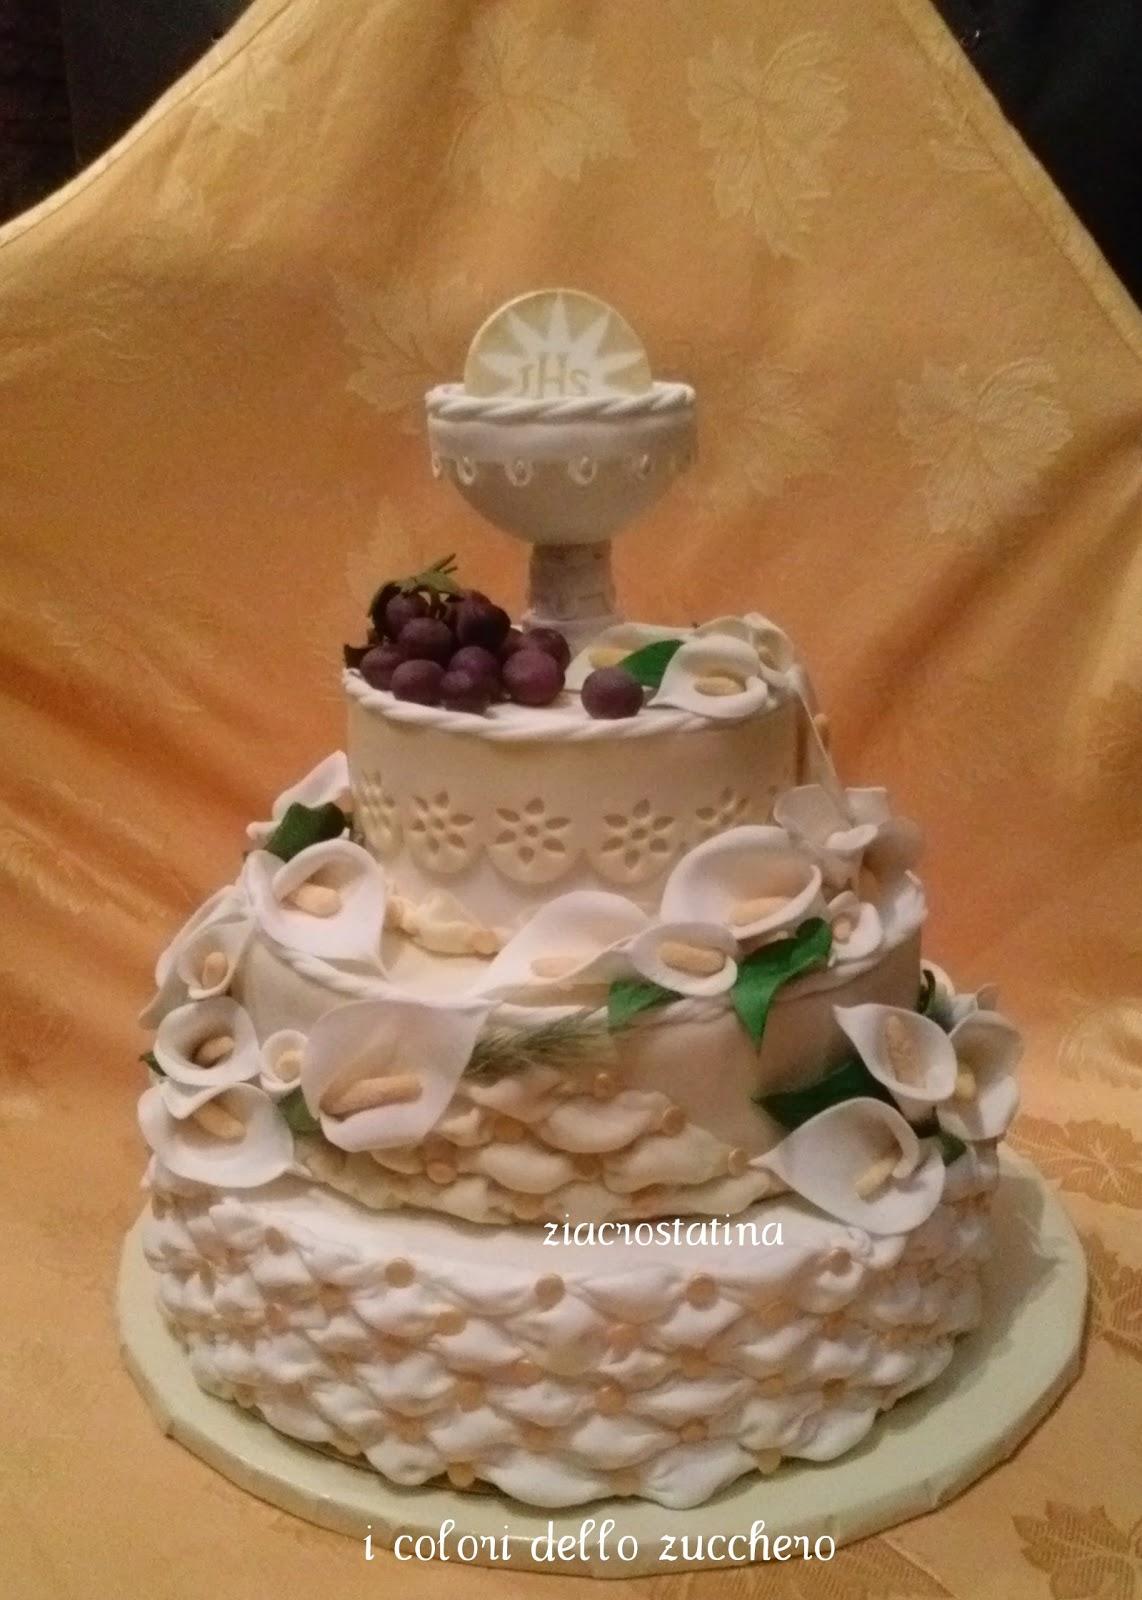 Immagini di torte di prima comunione mg14 regardsdefemmes for Decorazione torte prima comunione